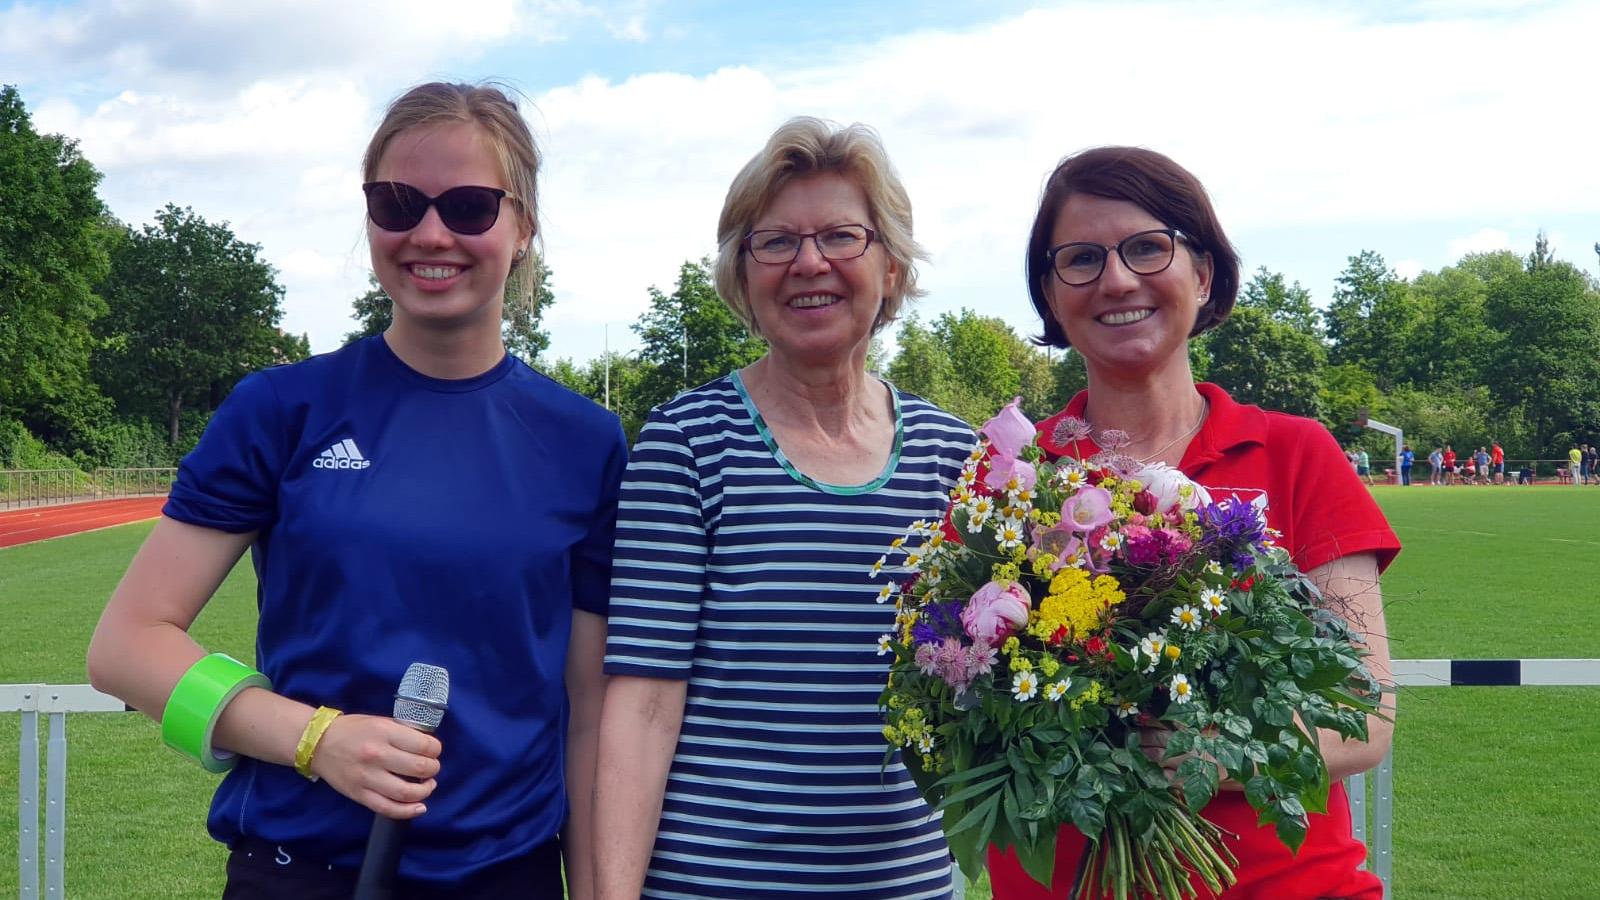 leichtathletik-km-2019-flintbek_04